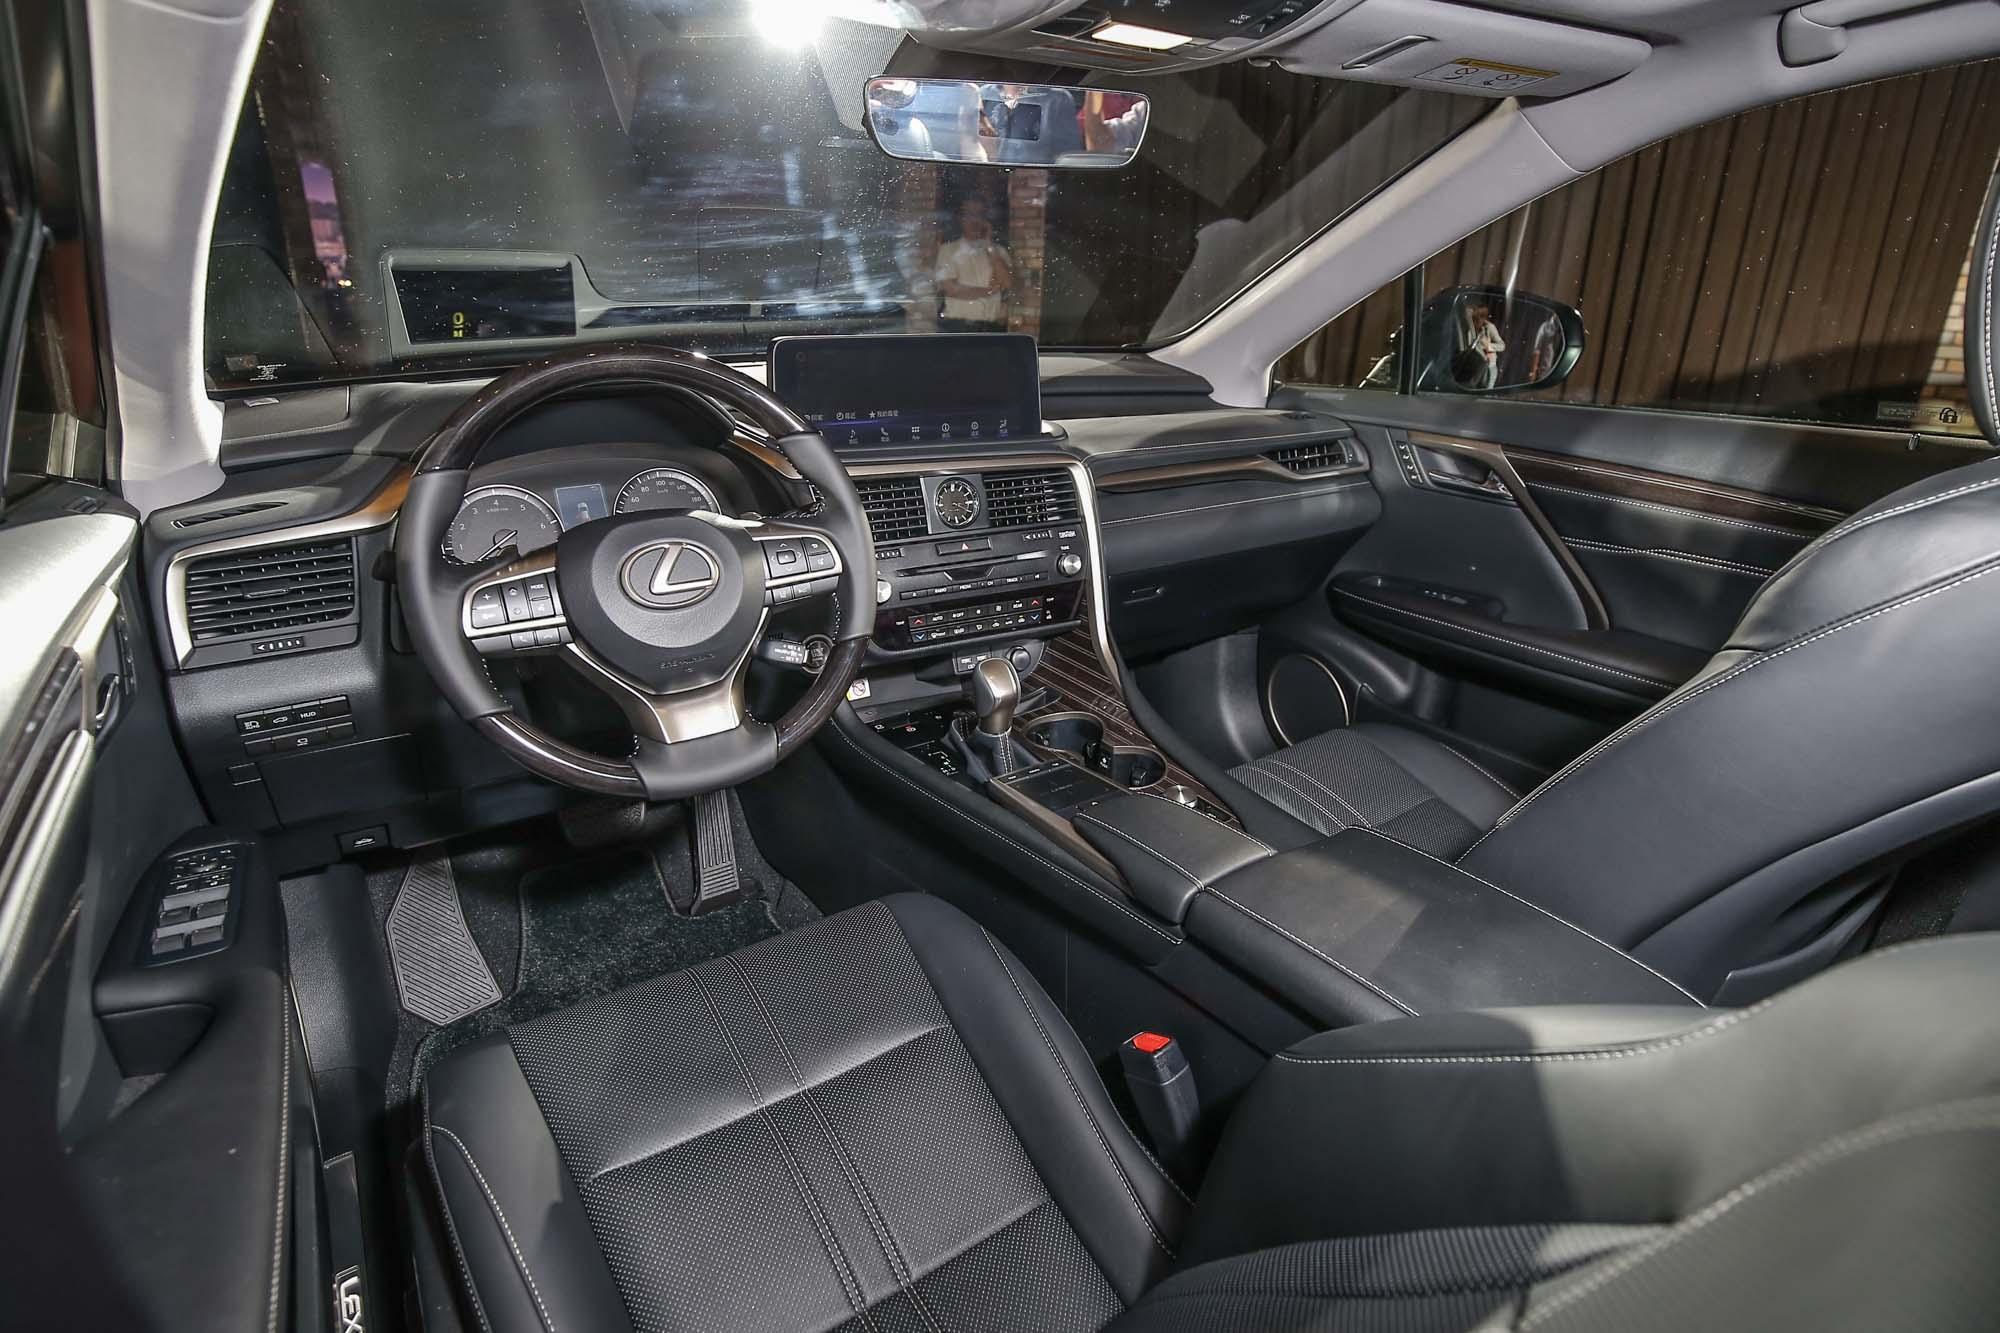 小改款後因為中央螢幕改為觸控面板,位置更朝向駕駛移動